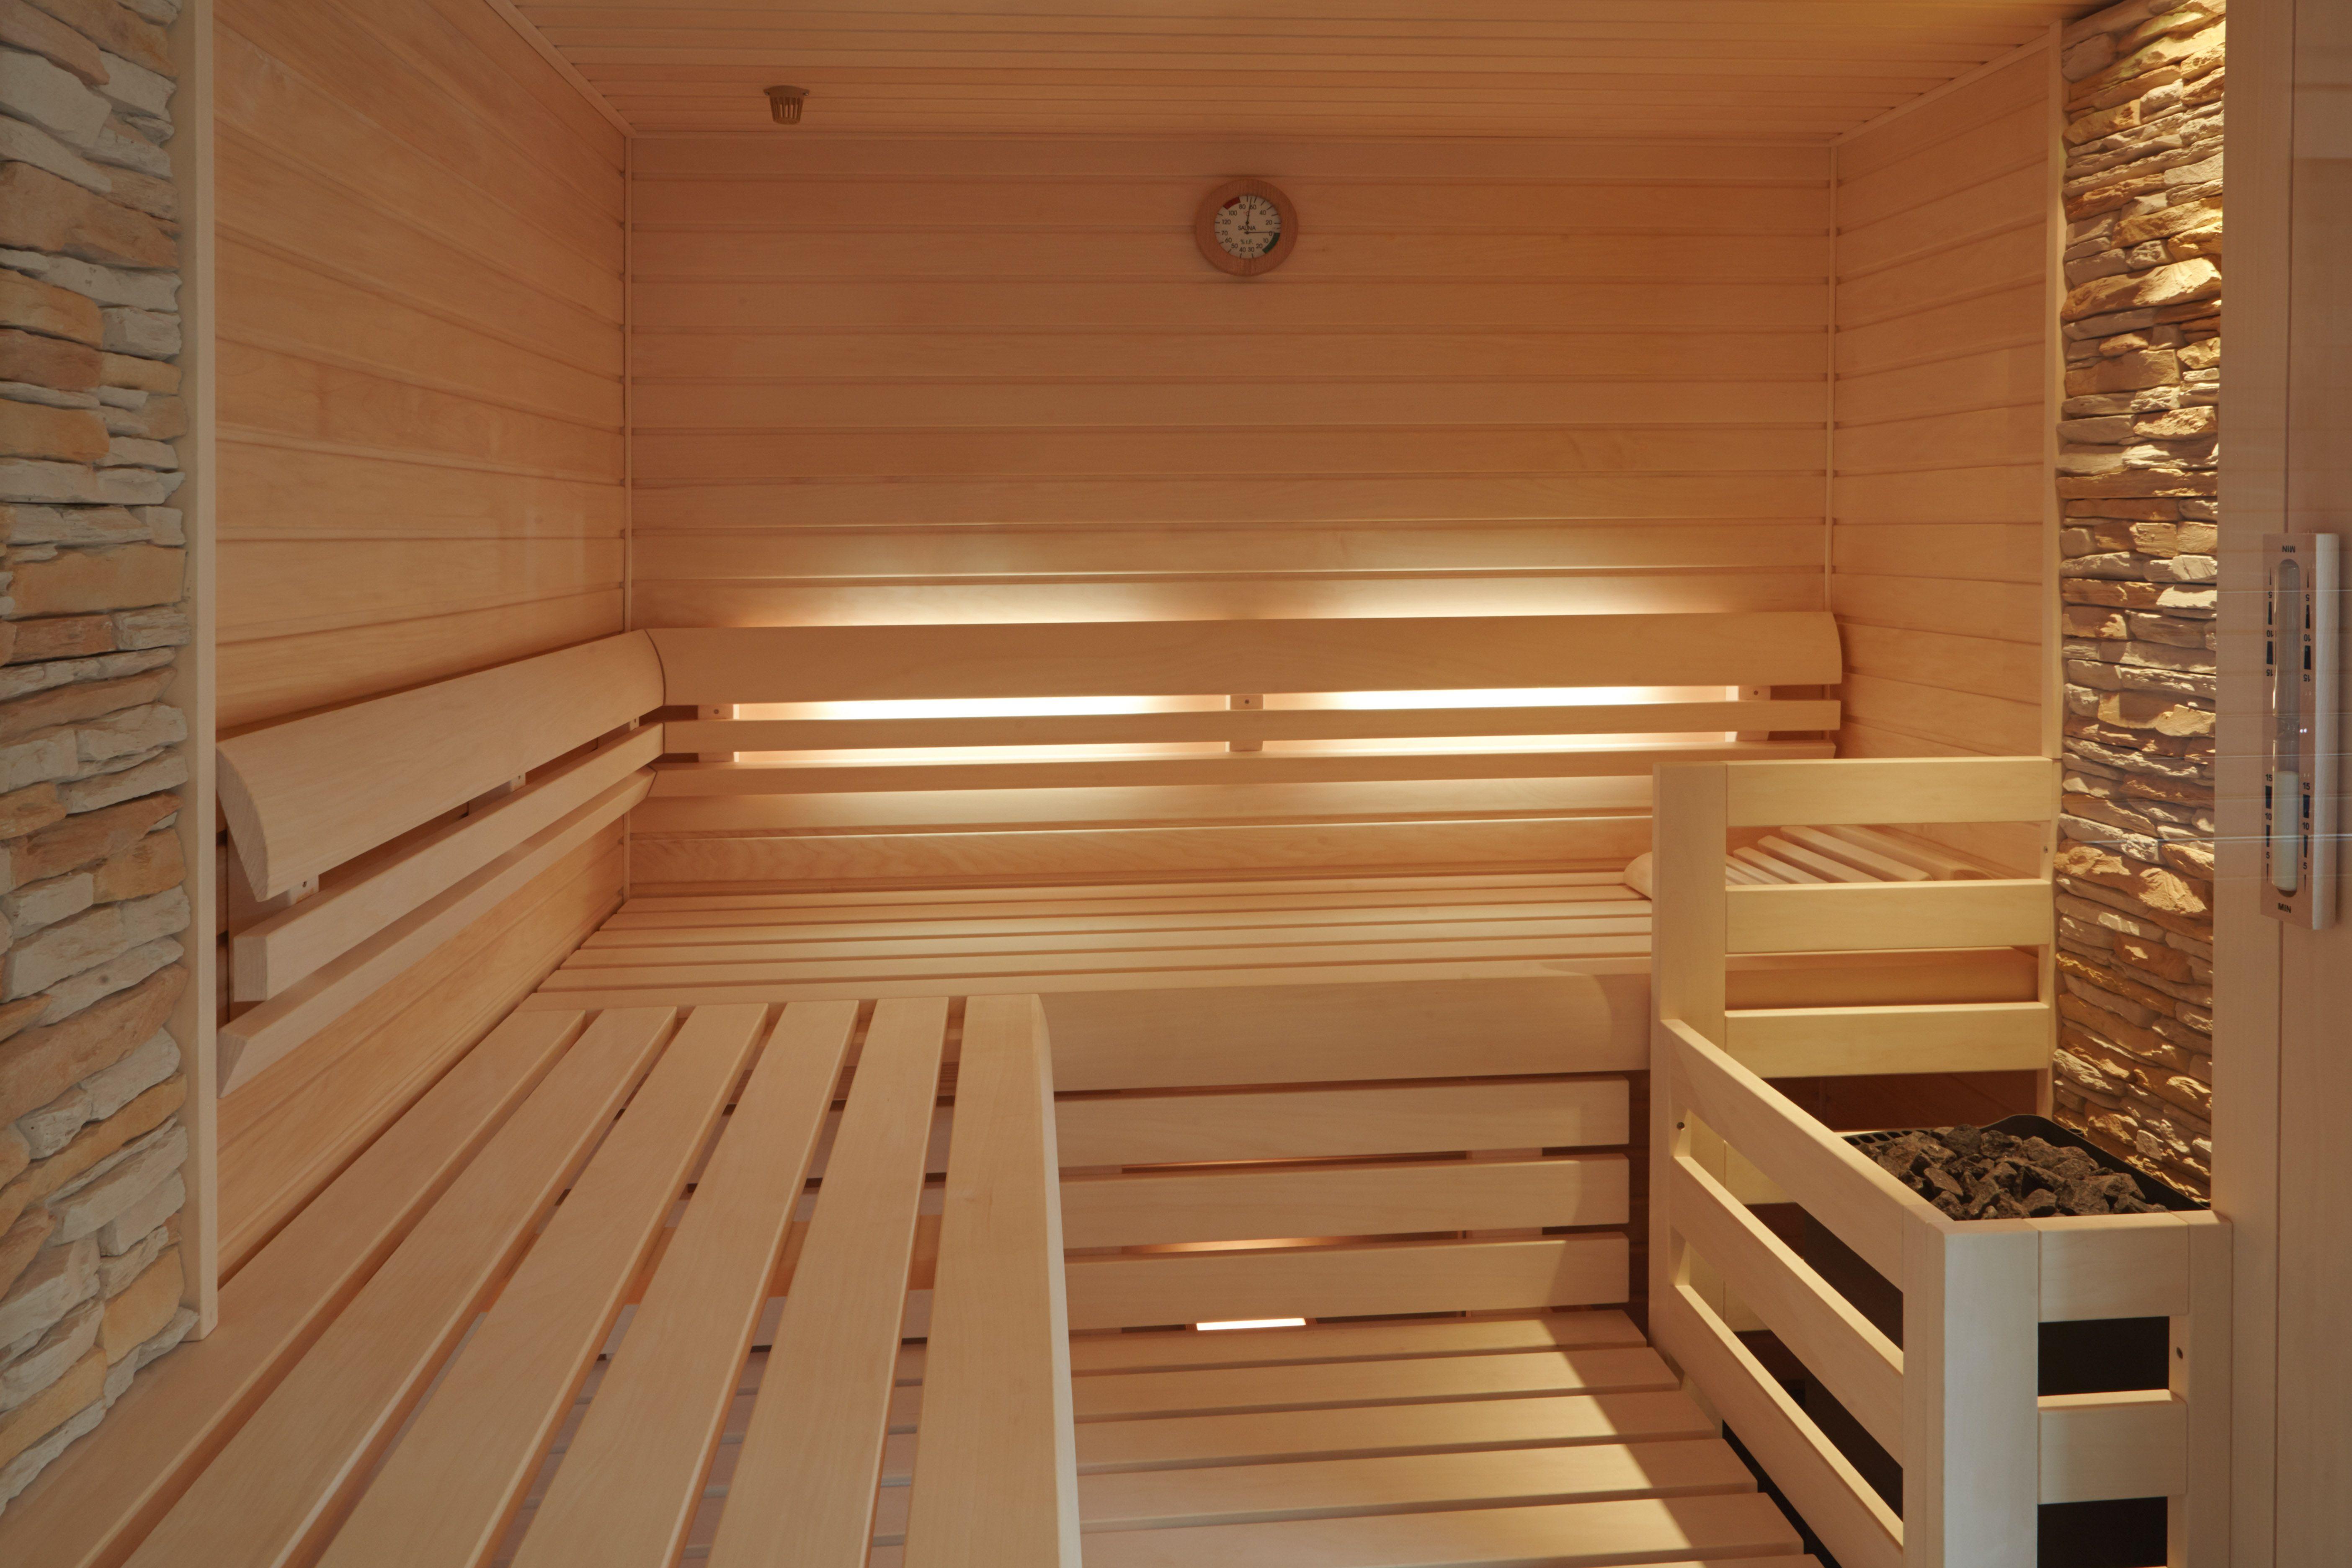 Sauna Mit Hinterbankbeleuchtung Und Steinstreifen An Der Wand Erdmann Sauna Erdmannsaunabau Erdmannexklusivesaunen Wellness Sauna Sauna Ideen Beleuchtung